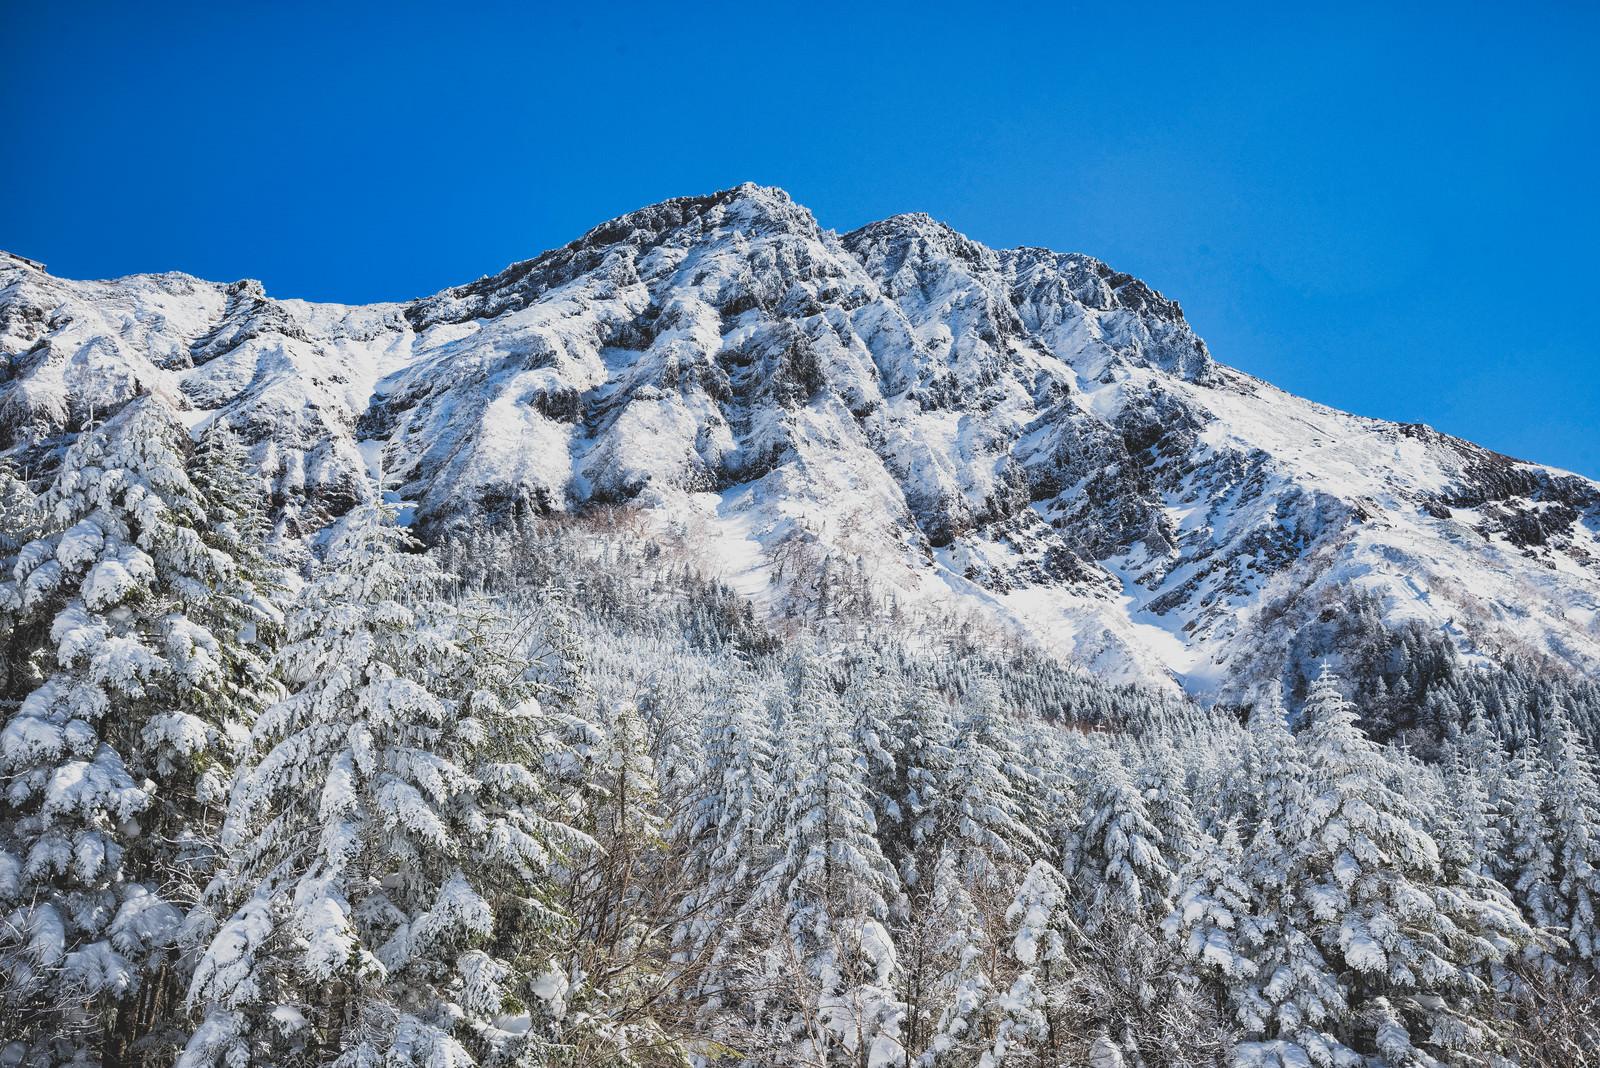 「凍り付く赤岳主稜と積雪の森」の写真